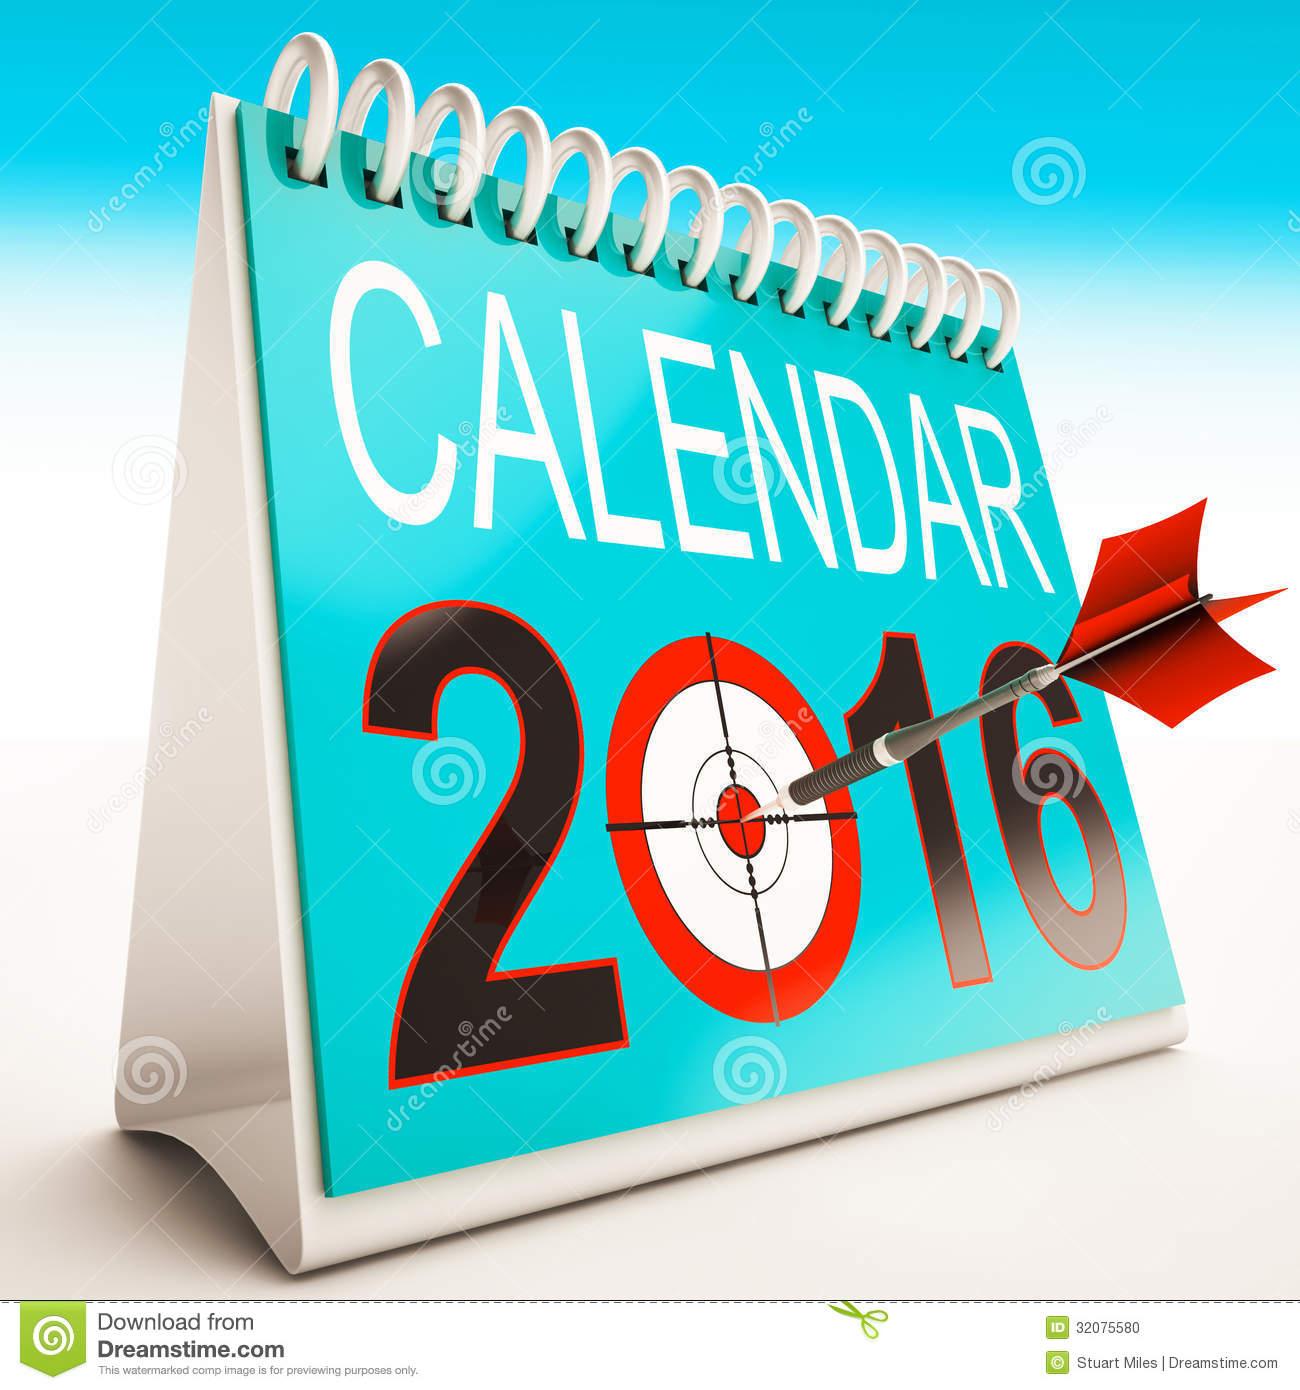 2016 calendar clipart stock Calendar clipart 2016 - ClipartFest stock